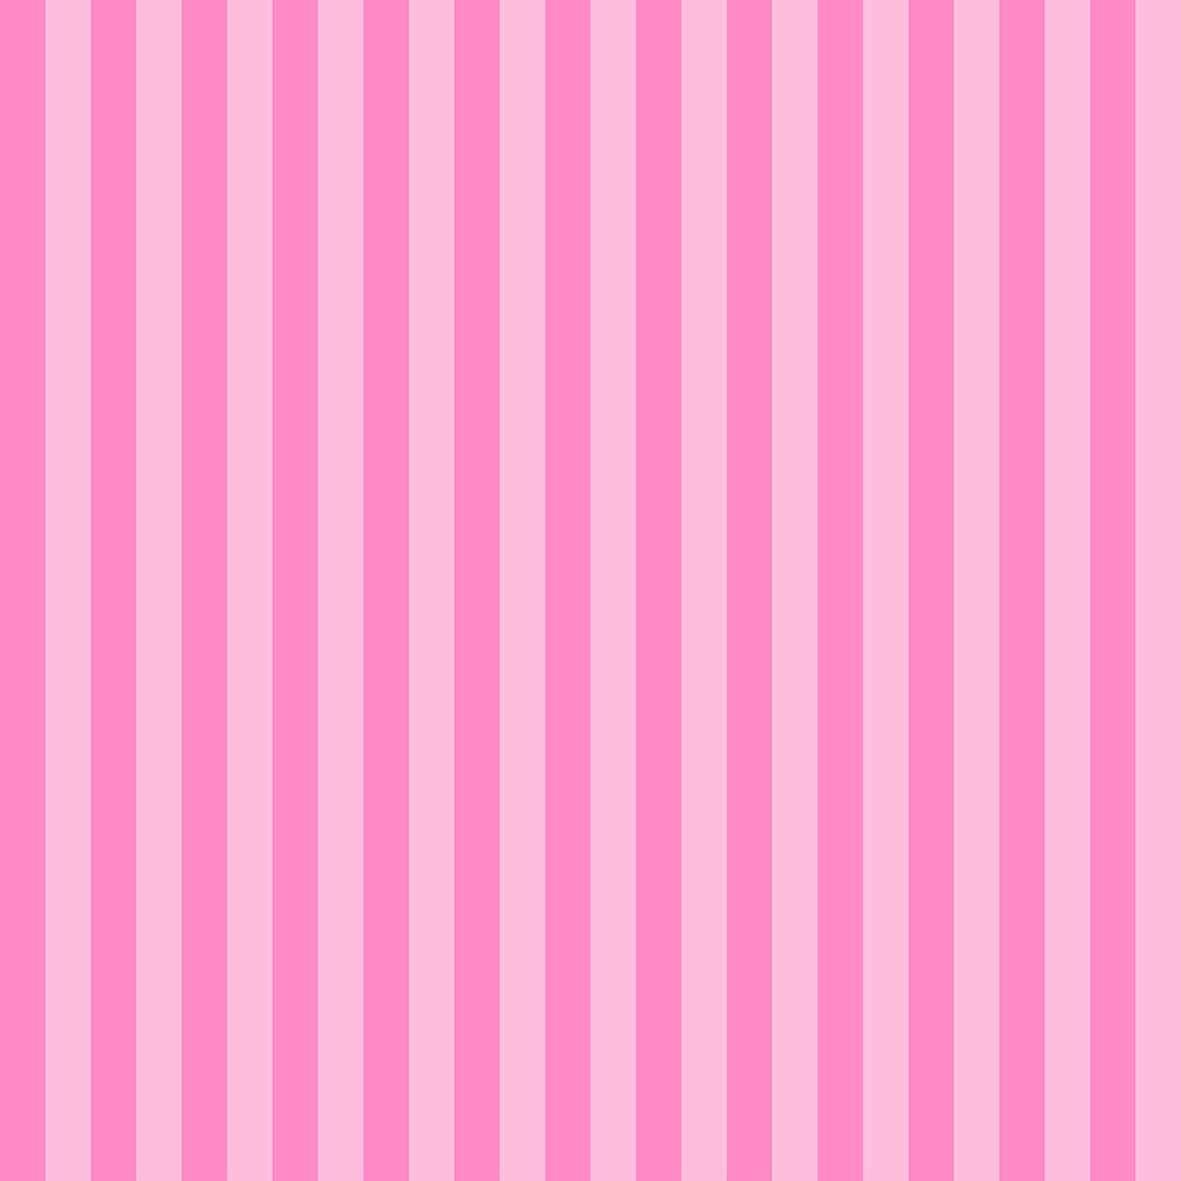 Allenjoy fotografia fundo listras cor de rosa da menina do